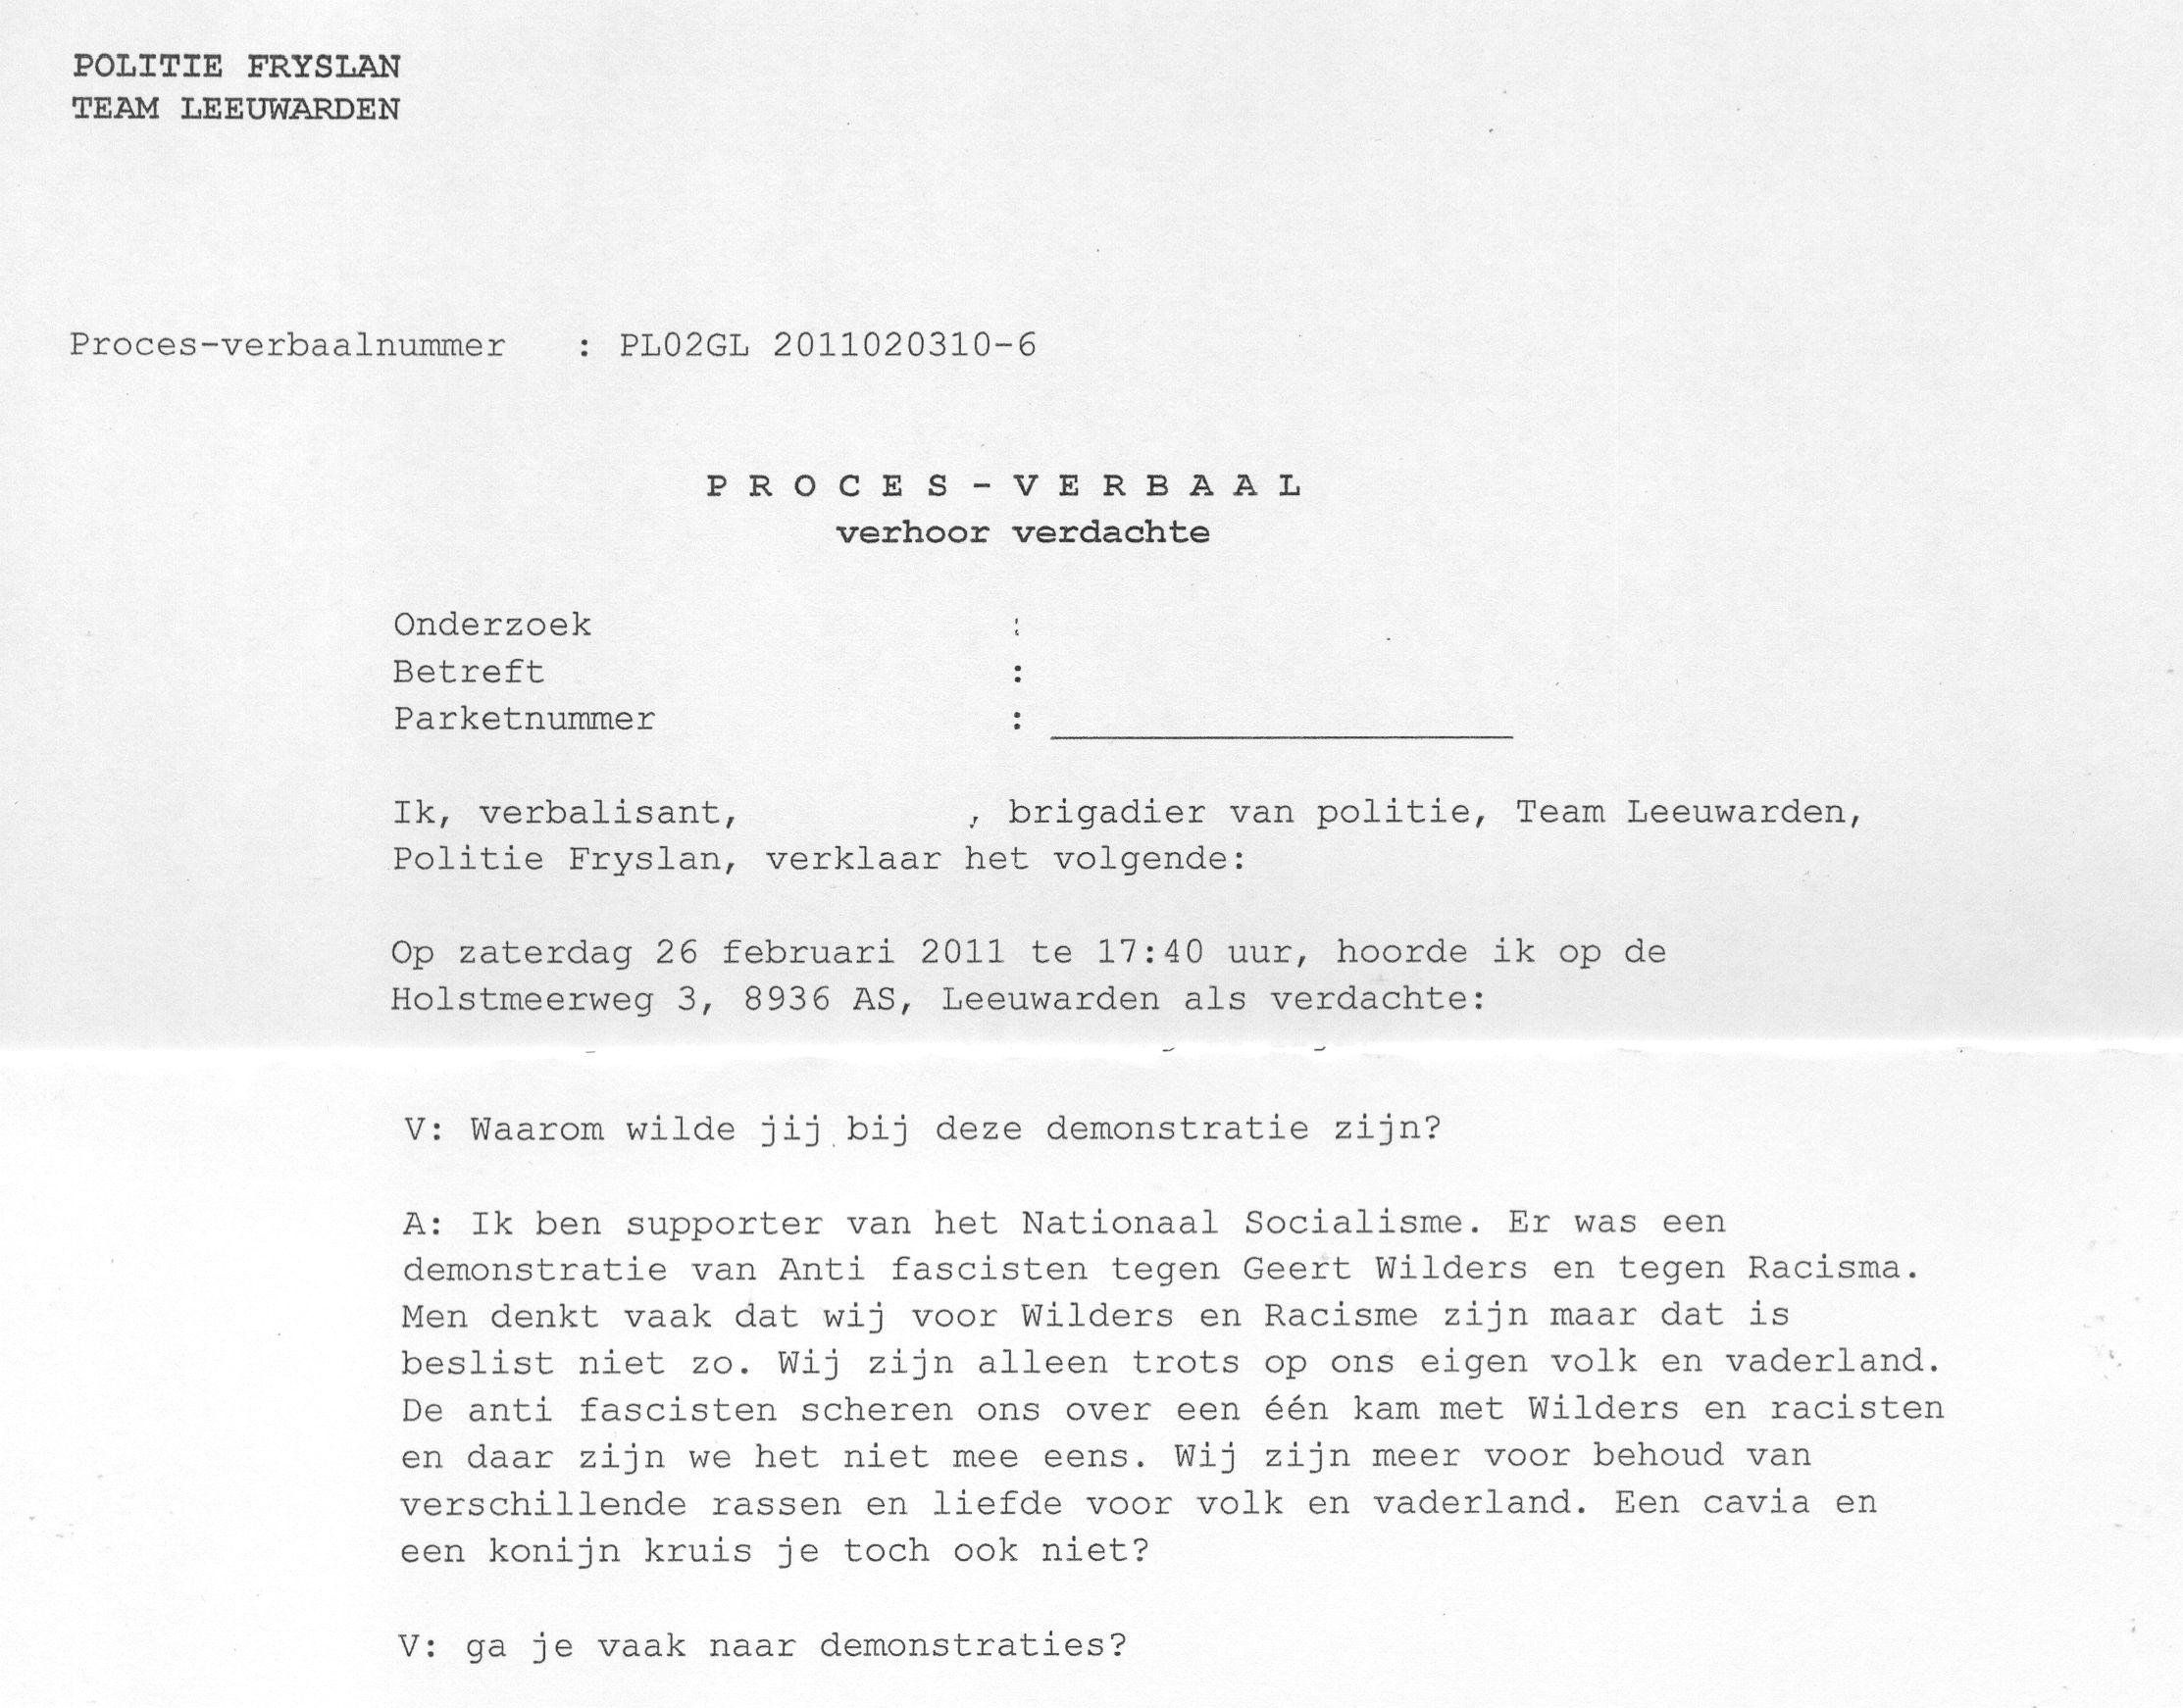 Proces verbaal arrestant Noordland demonstratie